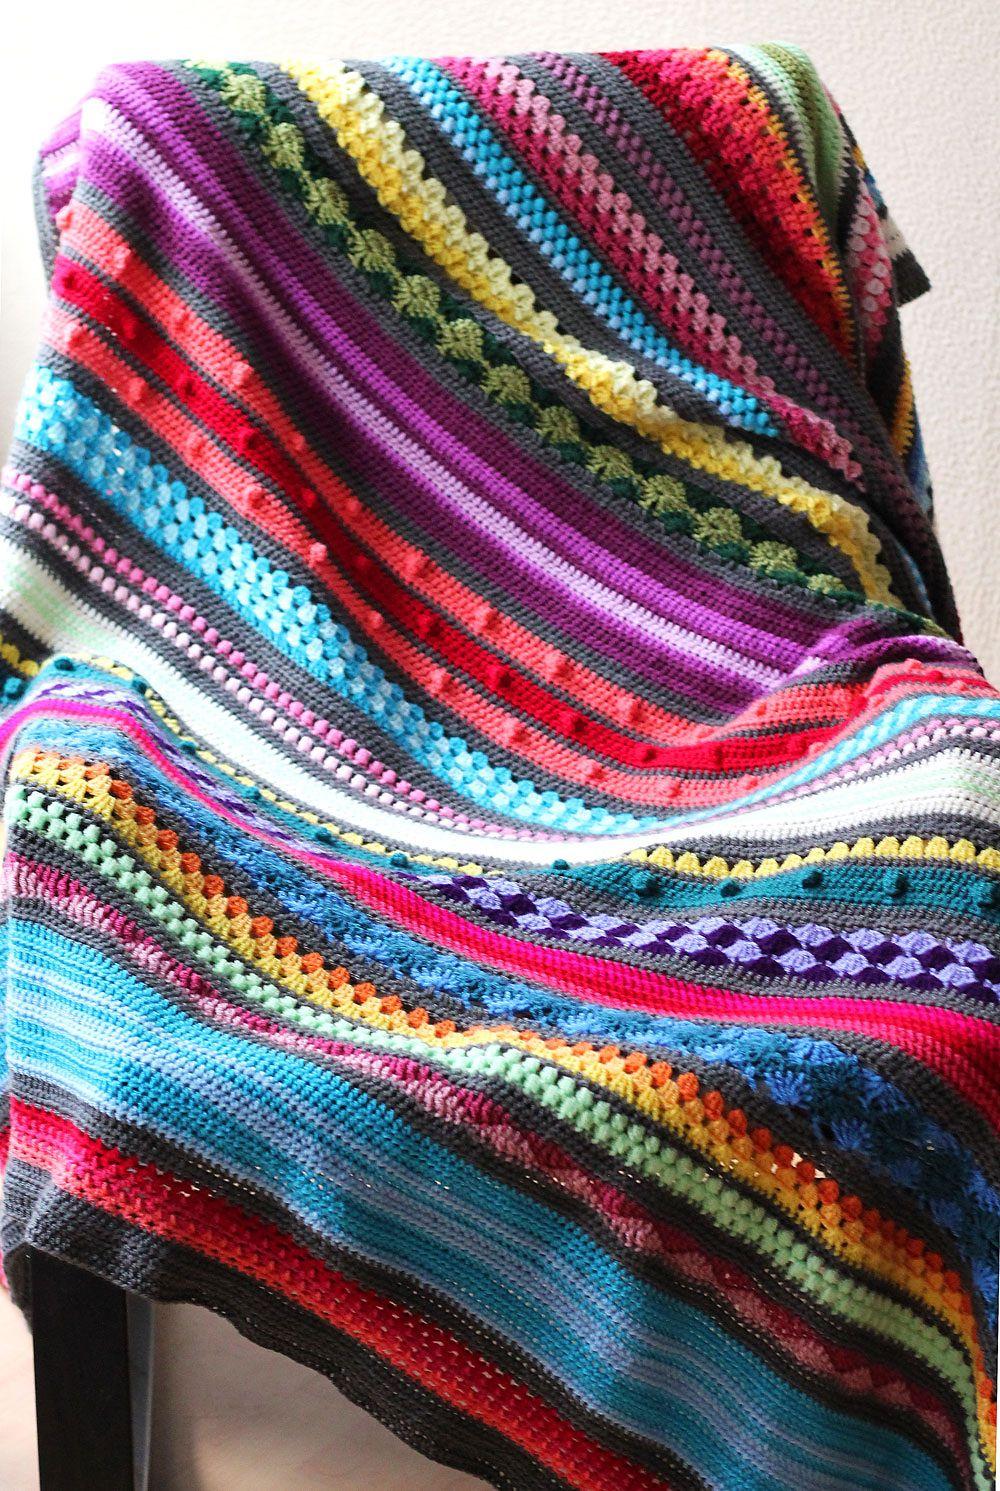 Rainbow Sampler Blanket By Kirsten - Free Crochet Pattern - (General ...